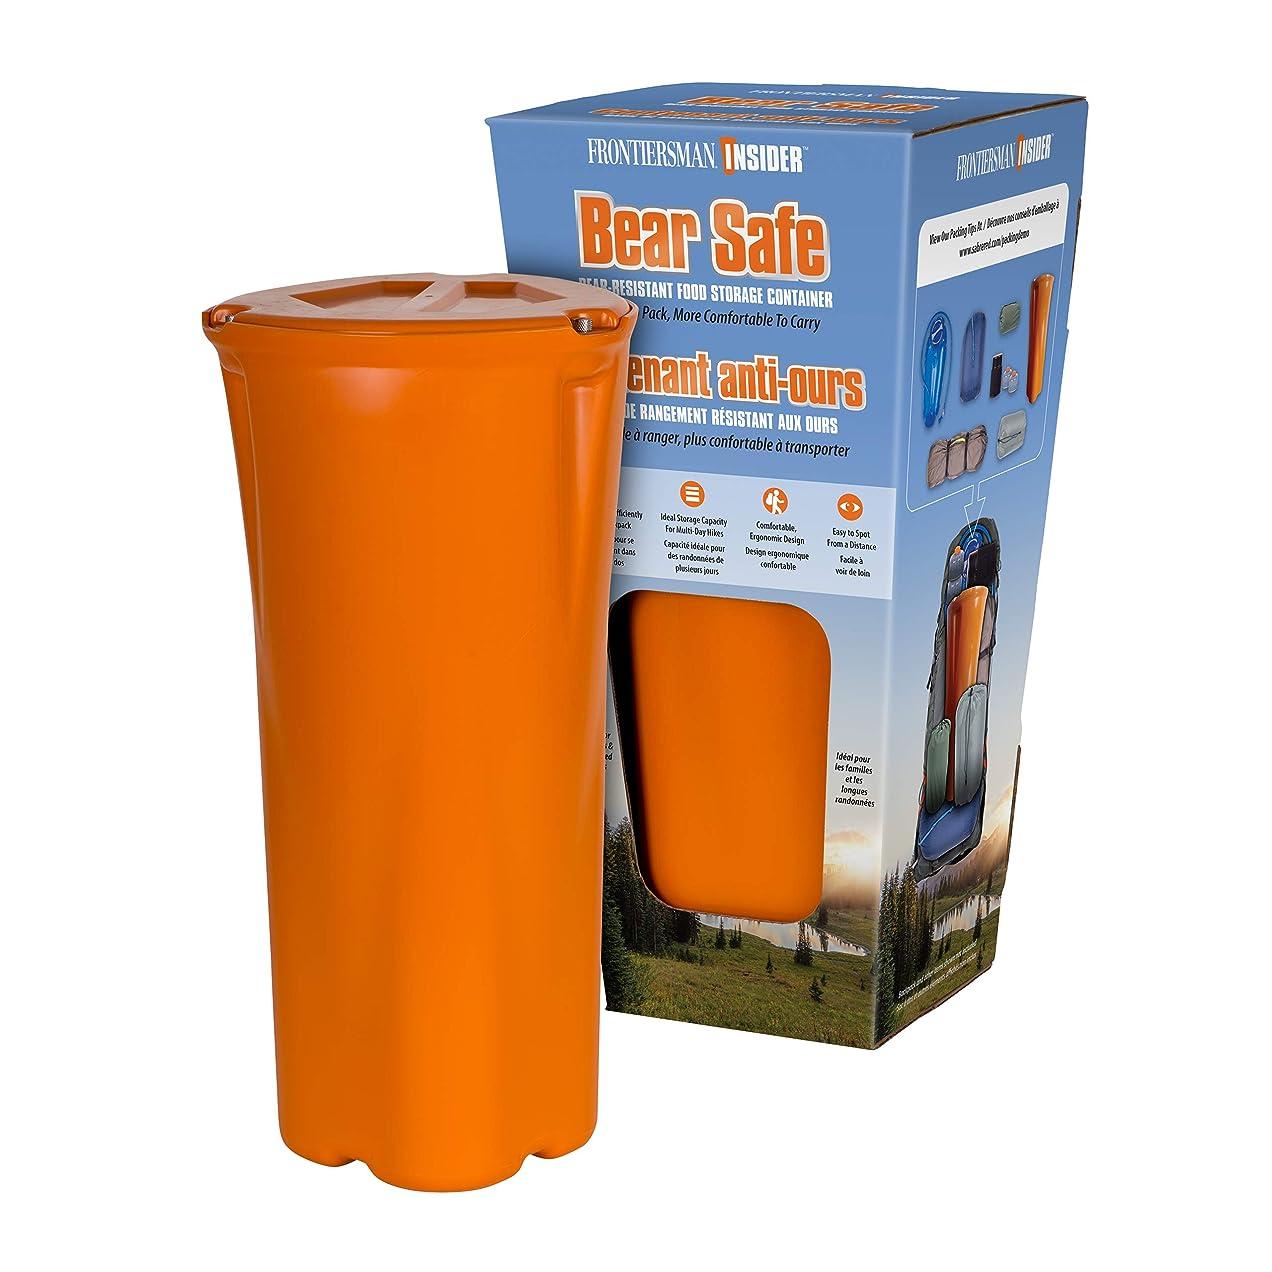 木曜日塩辛いベリーFRONTIERSMAN INSIDER - The New Shape in Bear-Proof Food Storage – Slim Ergonomic Design with High Capacity Storage - Easier To Pack, More Comfortable to Carry